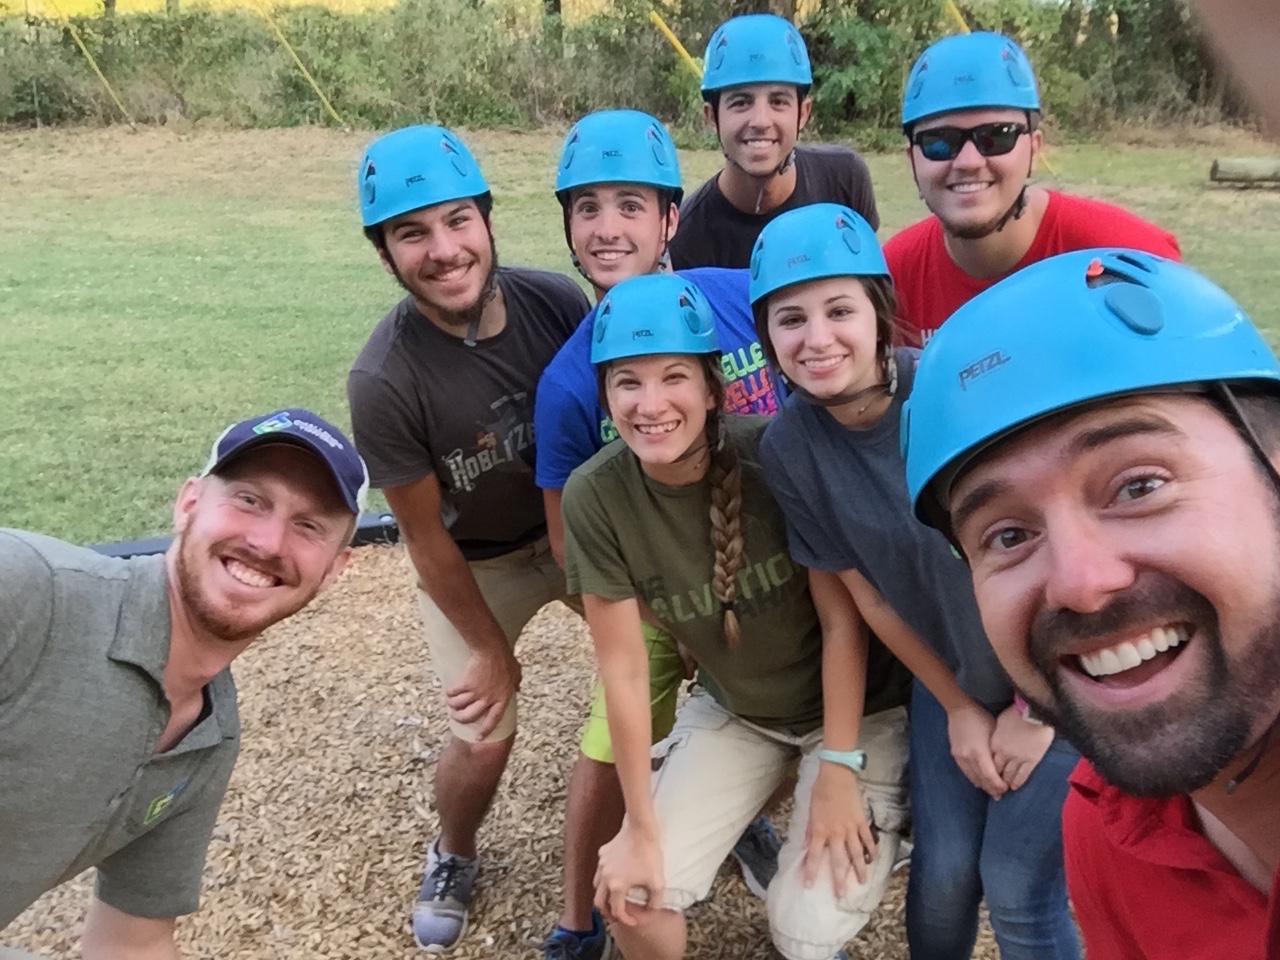 Group of smiling people wearing helmets.